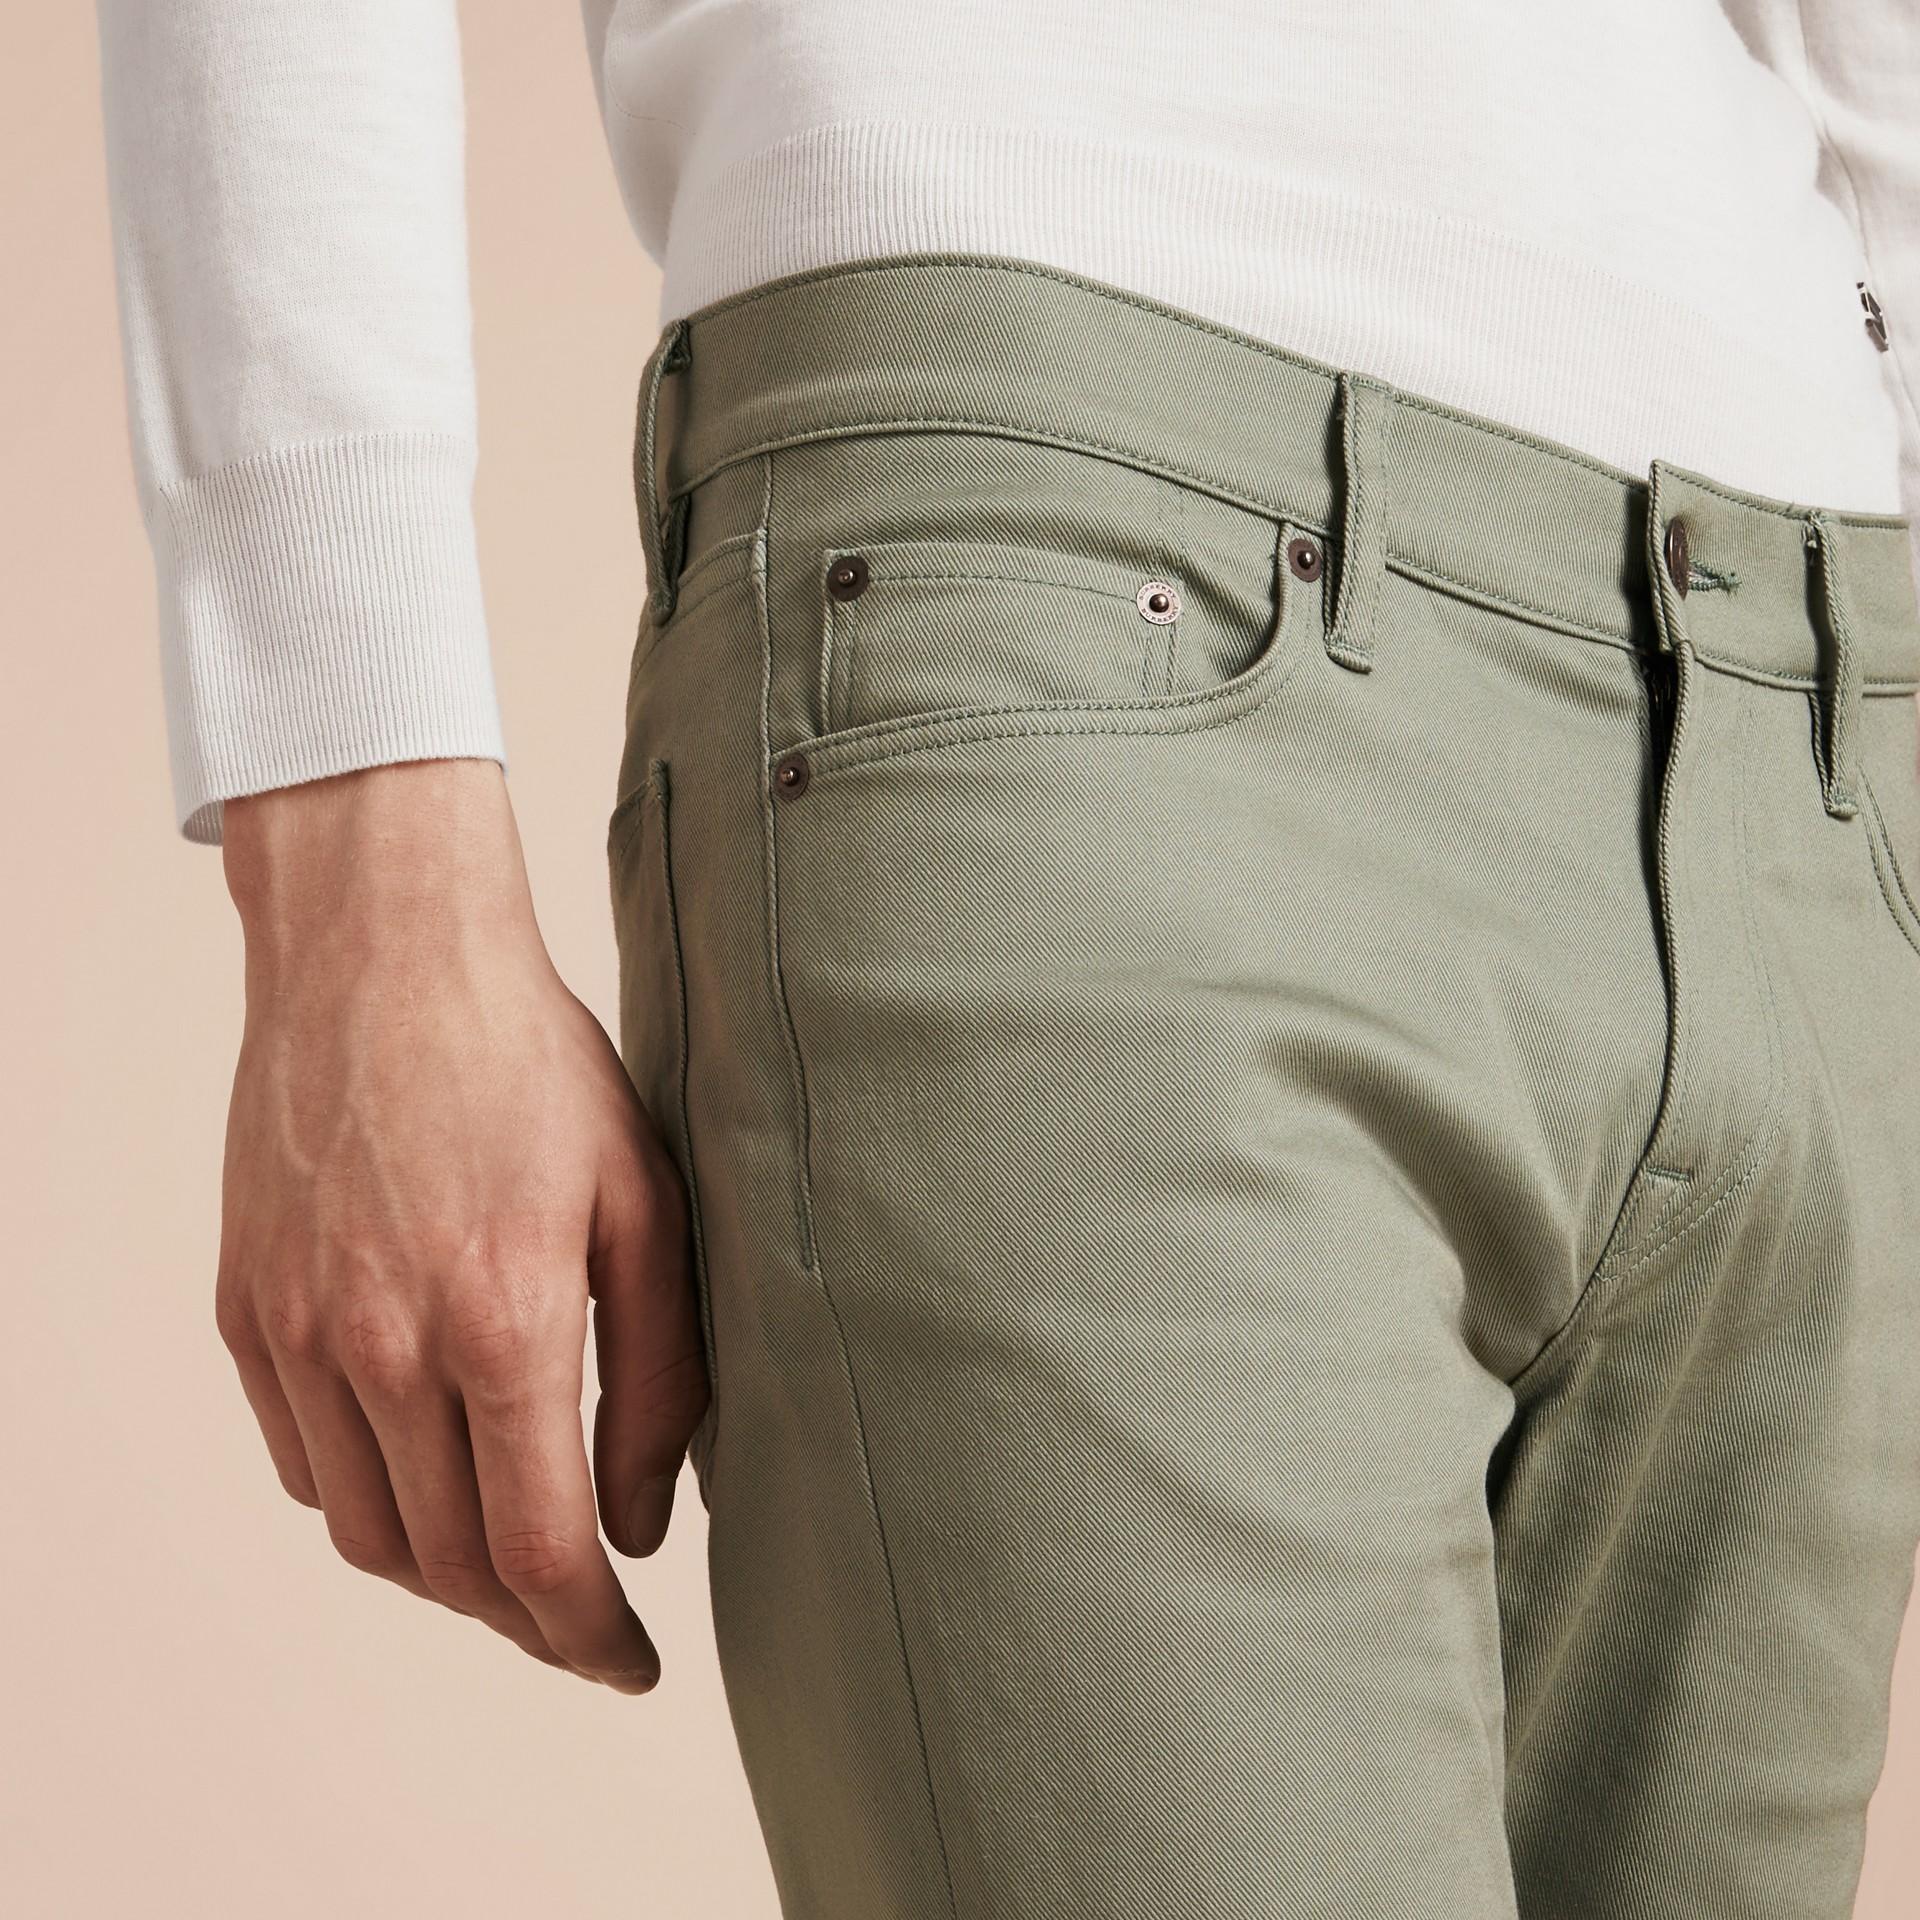 Eukalyptusgrün Körperbetonte Jeans aus japanischem Stretchdenim Eukalyptusgrün - Galerie-Bild 5